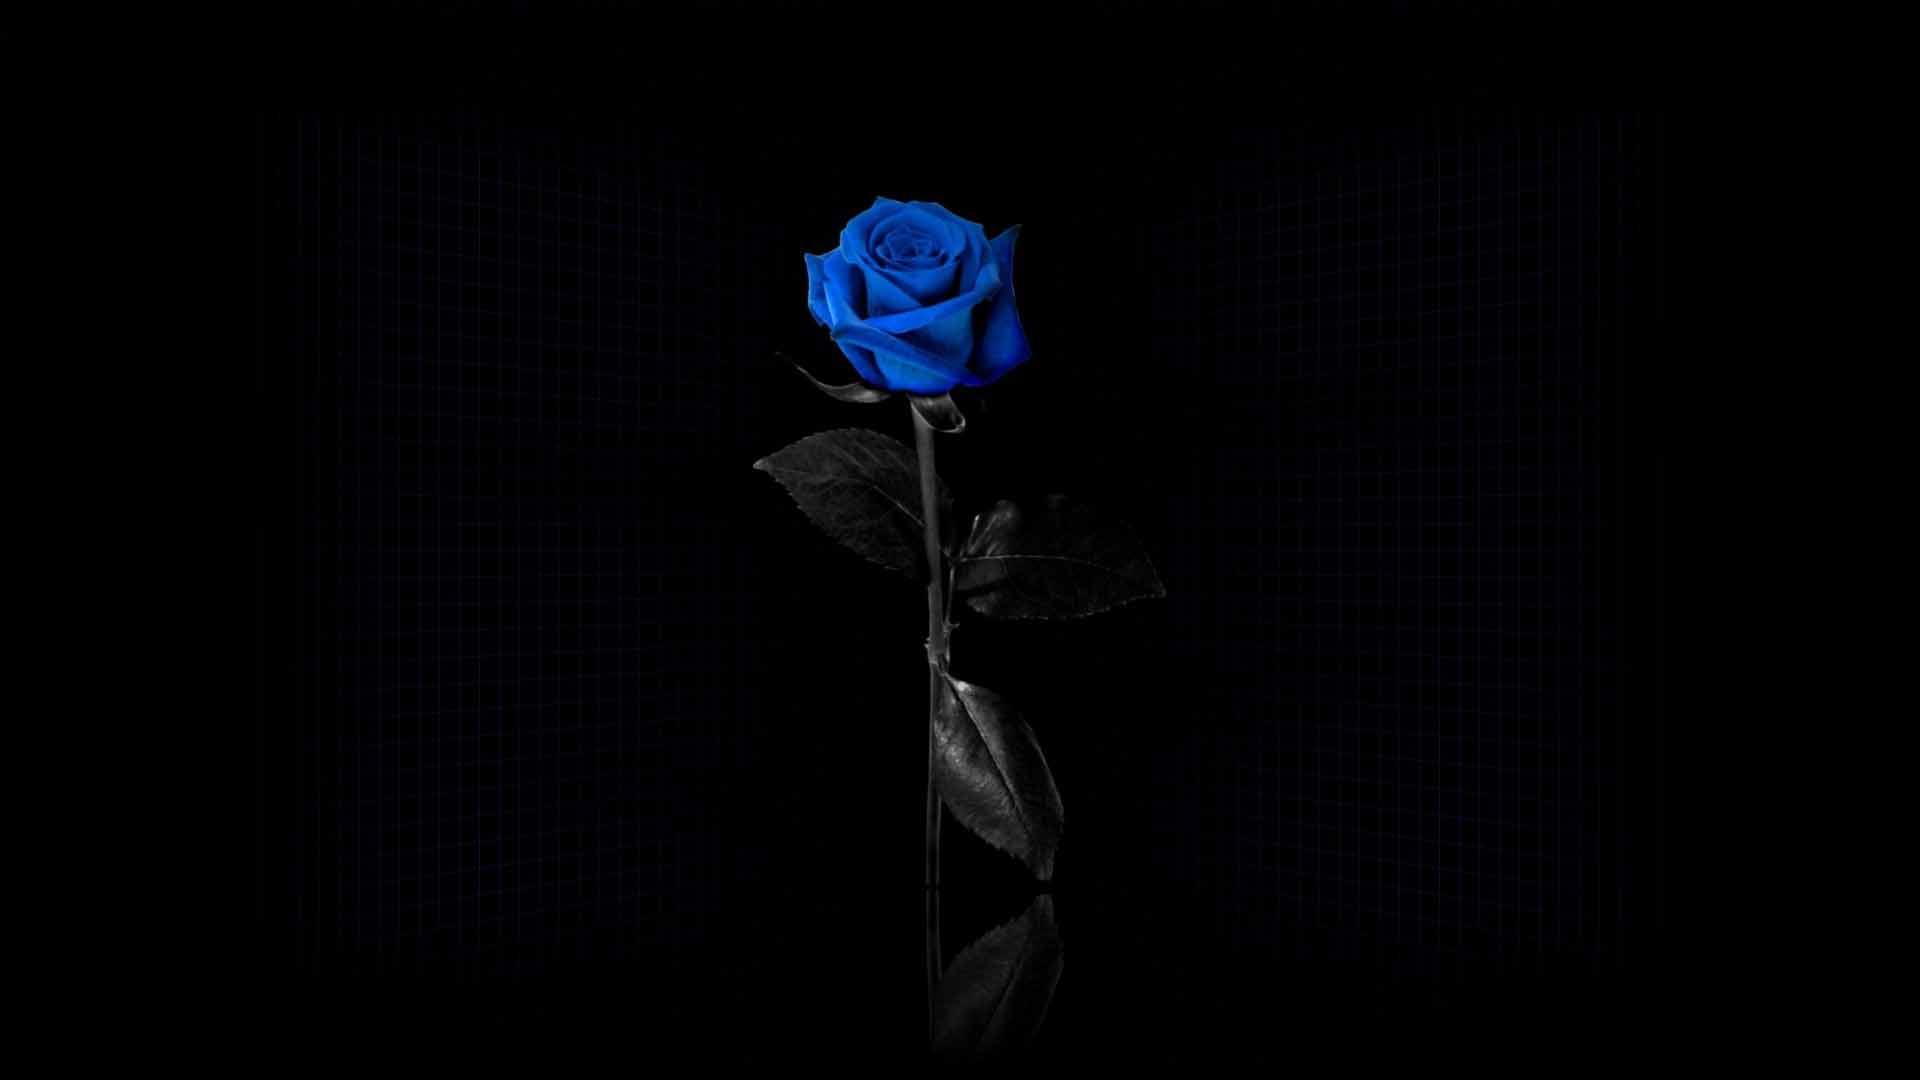 Обои голубая роза для рабочего стола